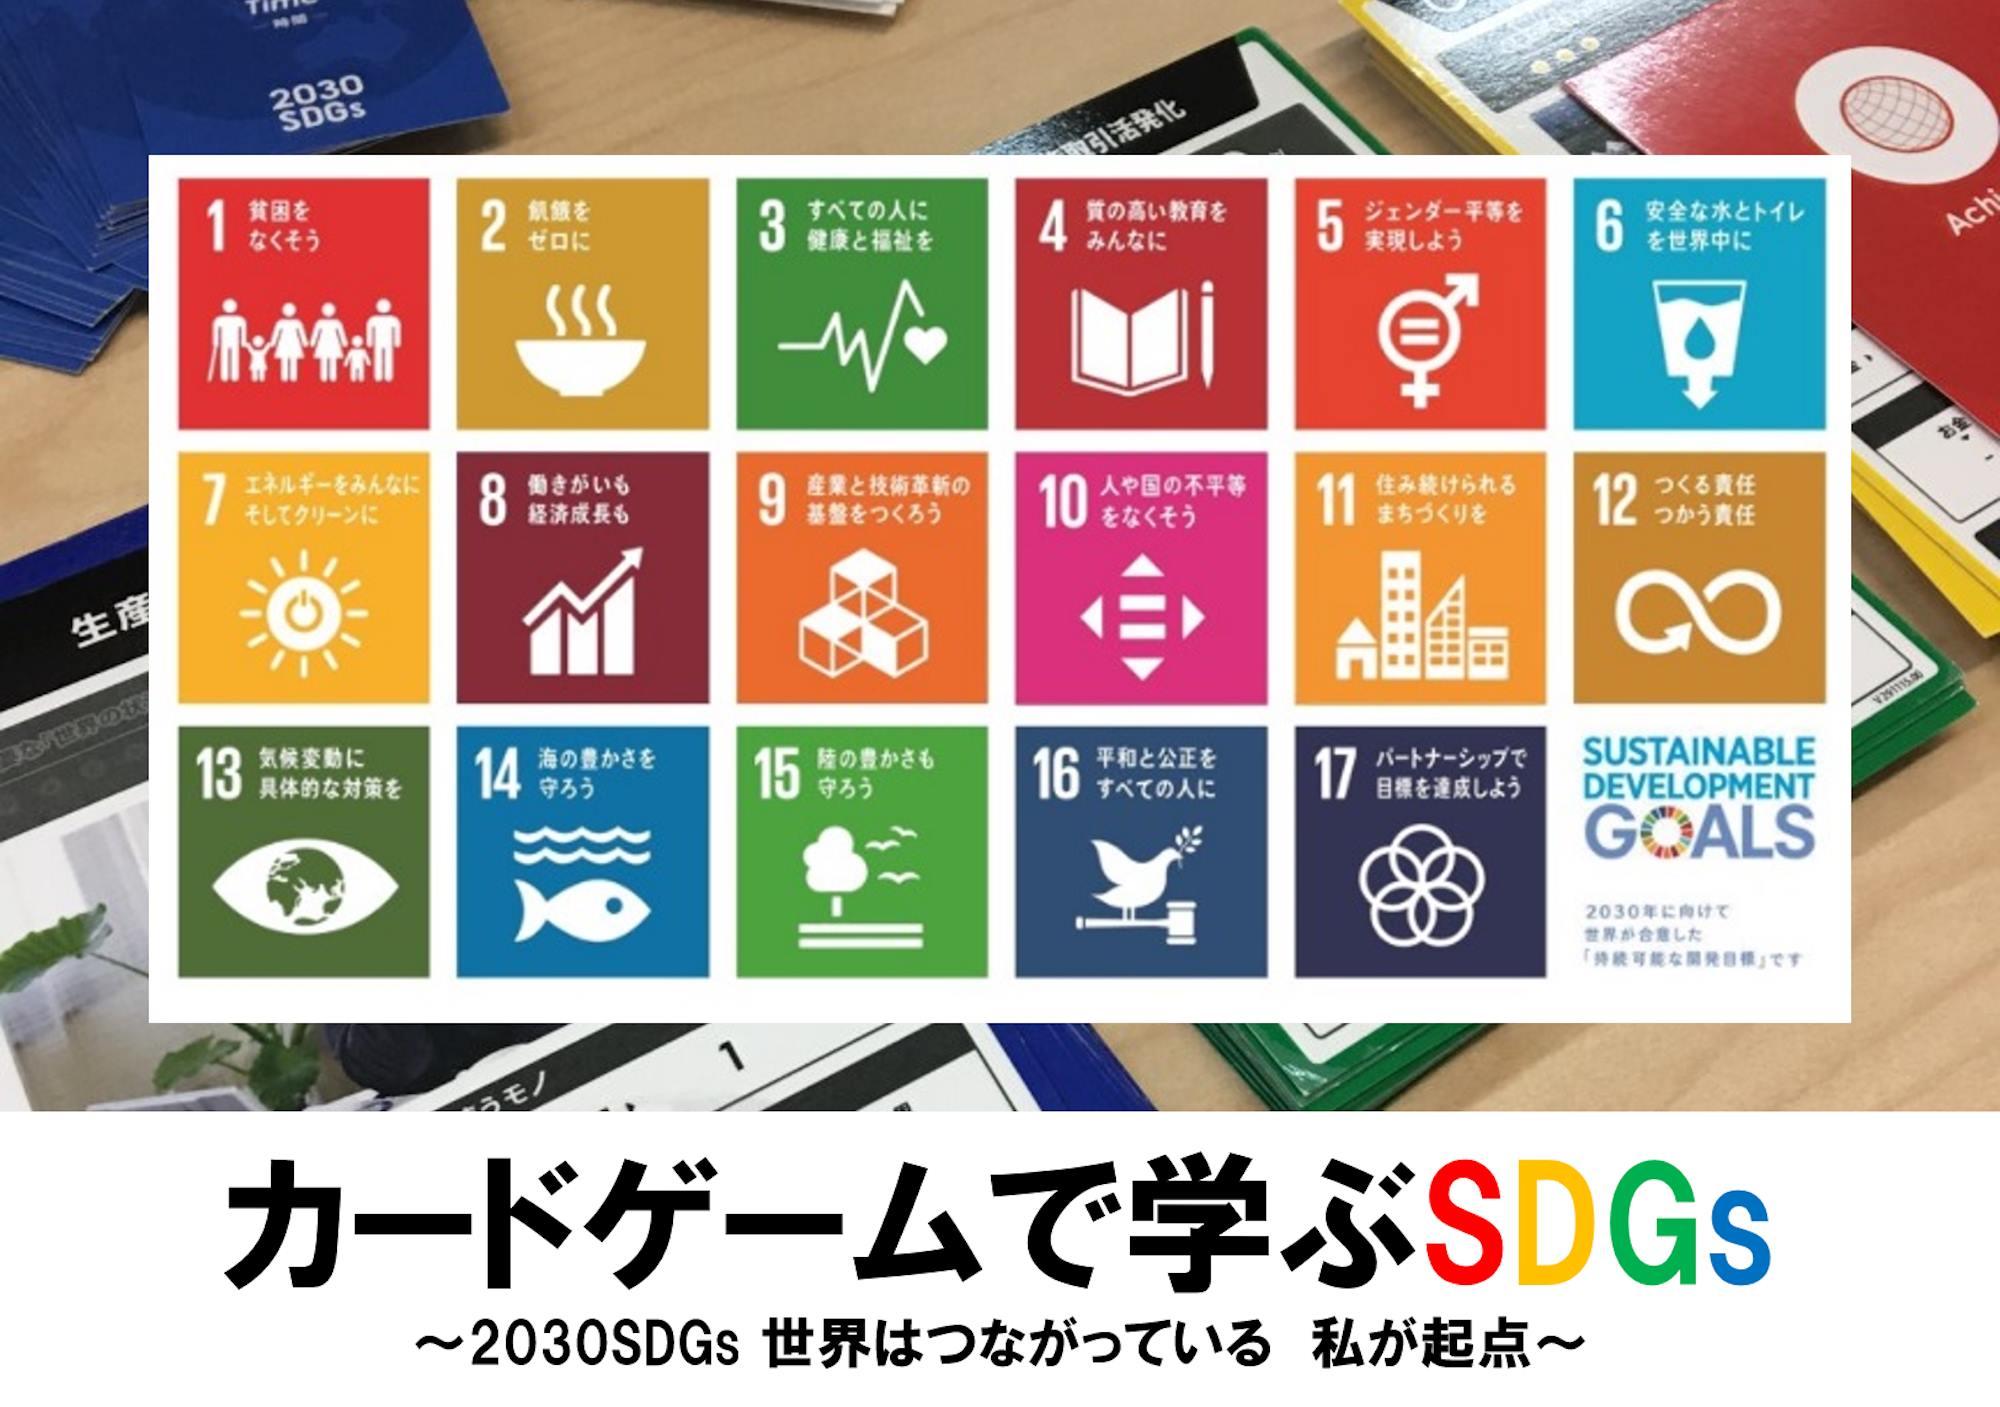 「2030SDGs」カードゲーム@名古屋体験会12/14(土)